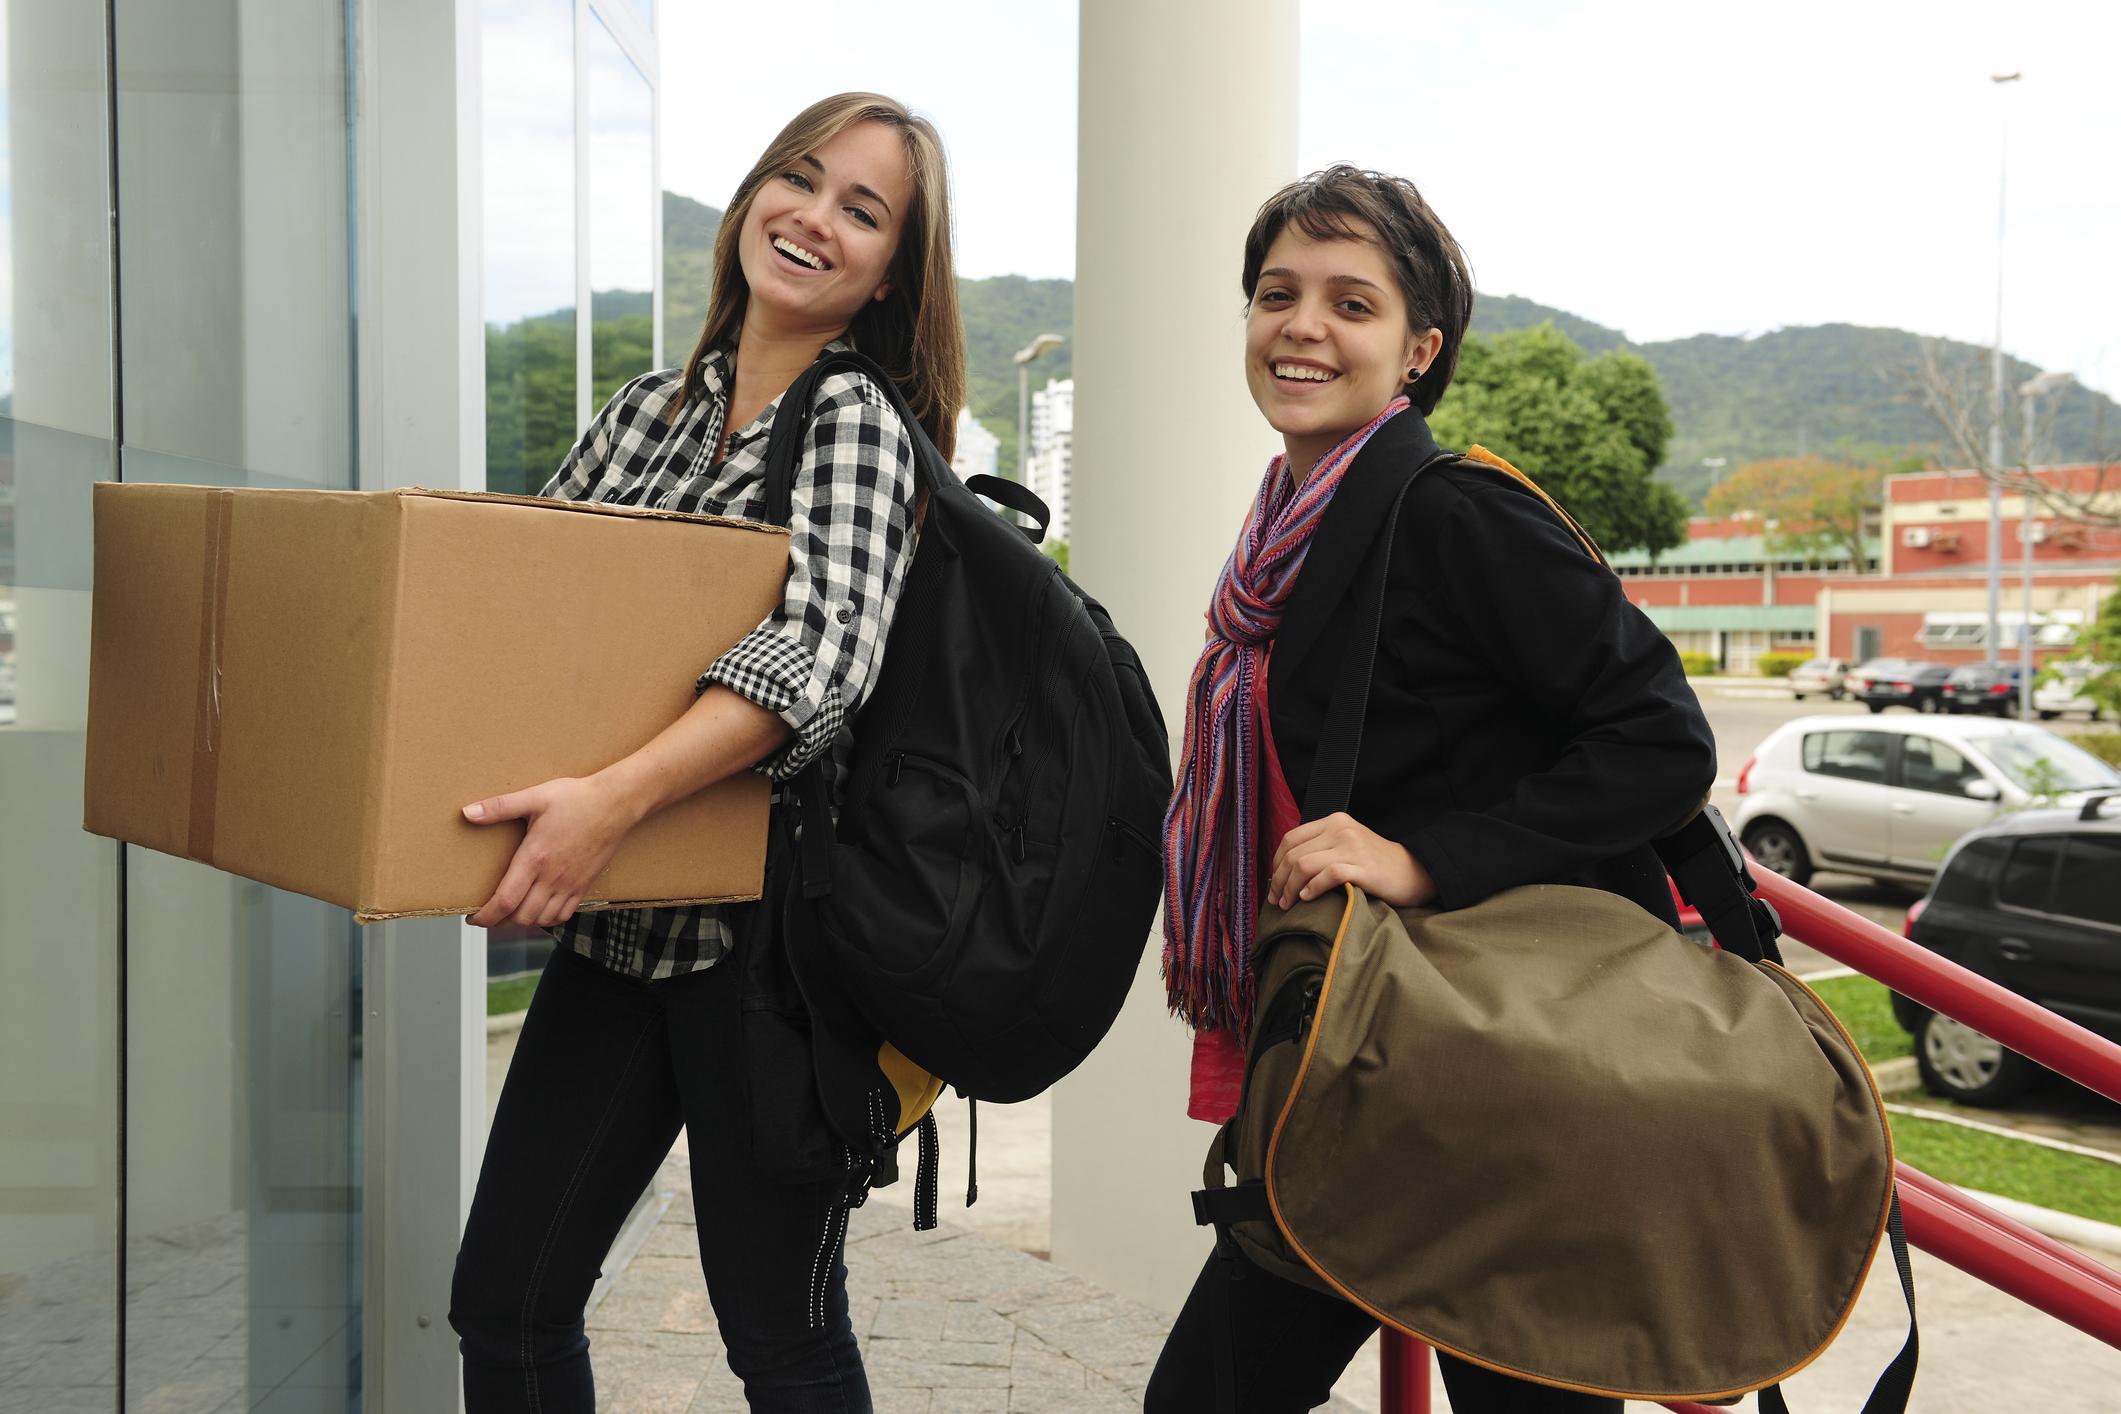 College move-in